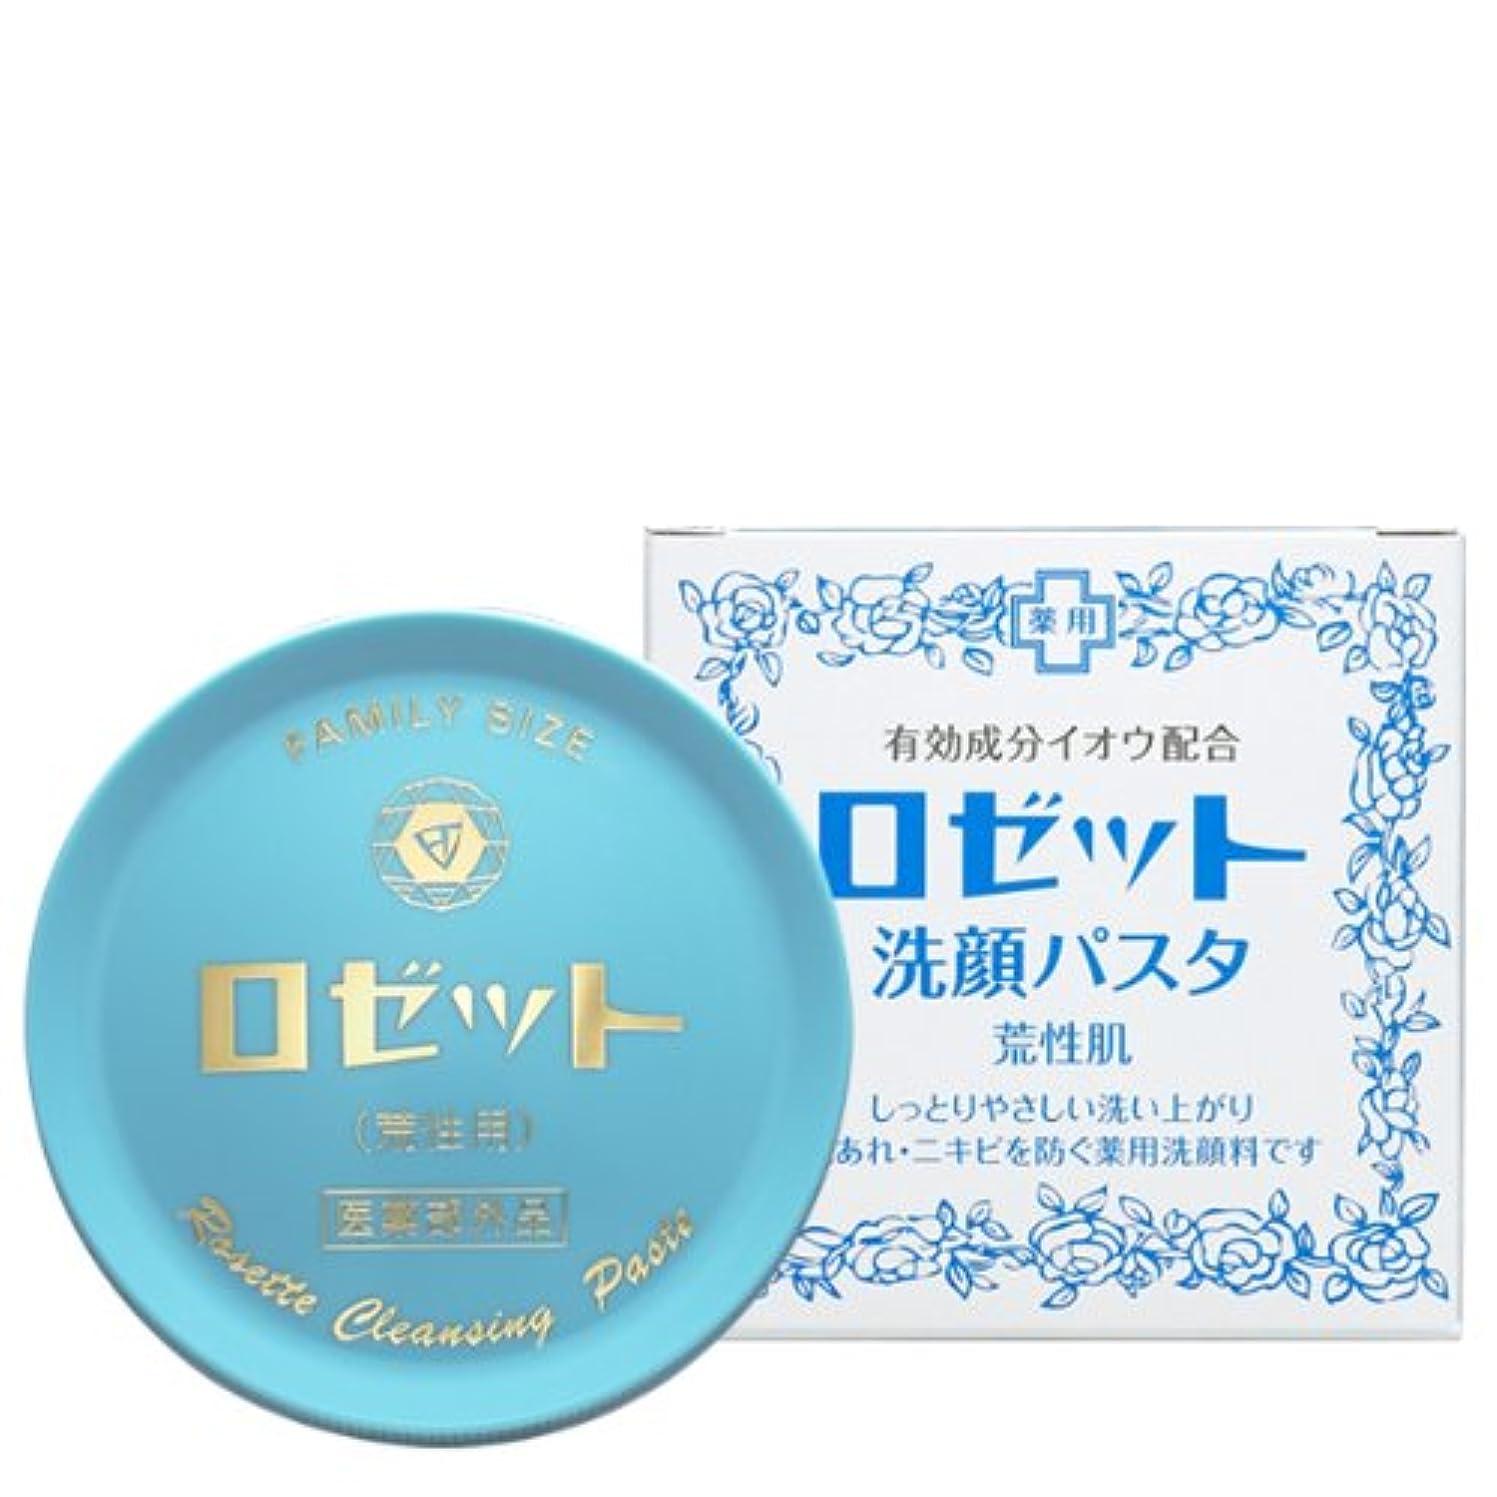 瞳装置もろいロゼット 洗顔パスタ 荒性肌 90g (医薬部外品)